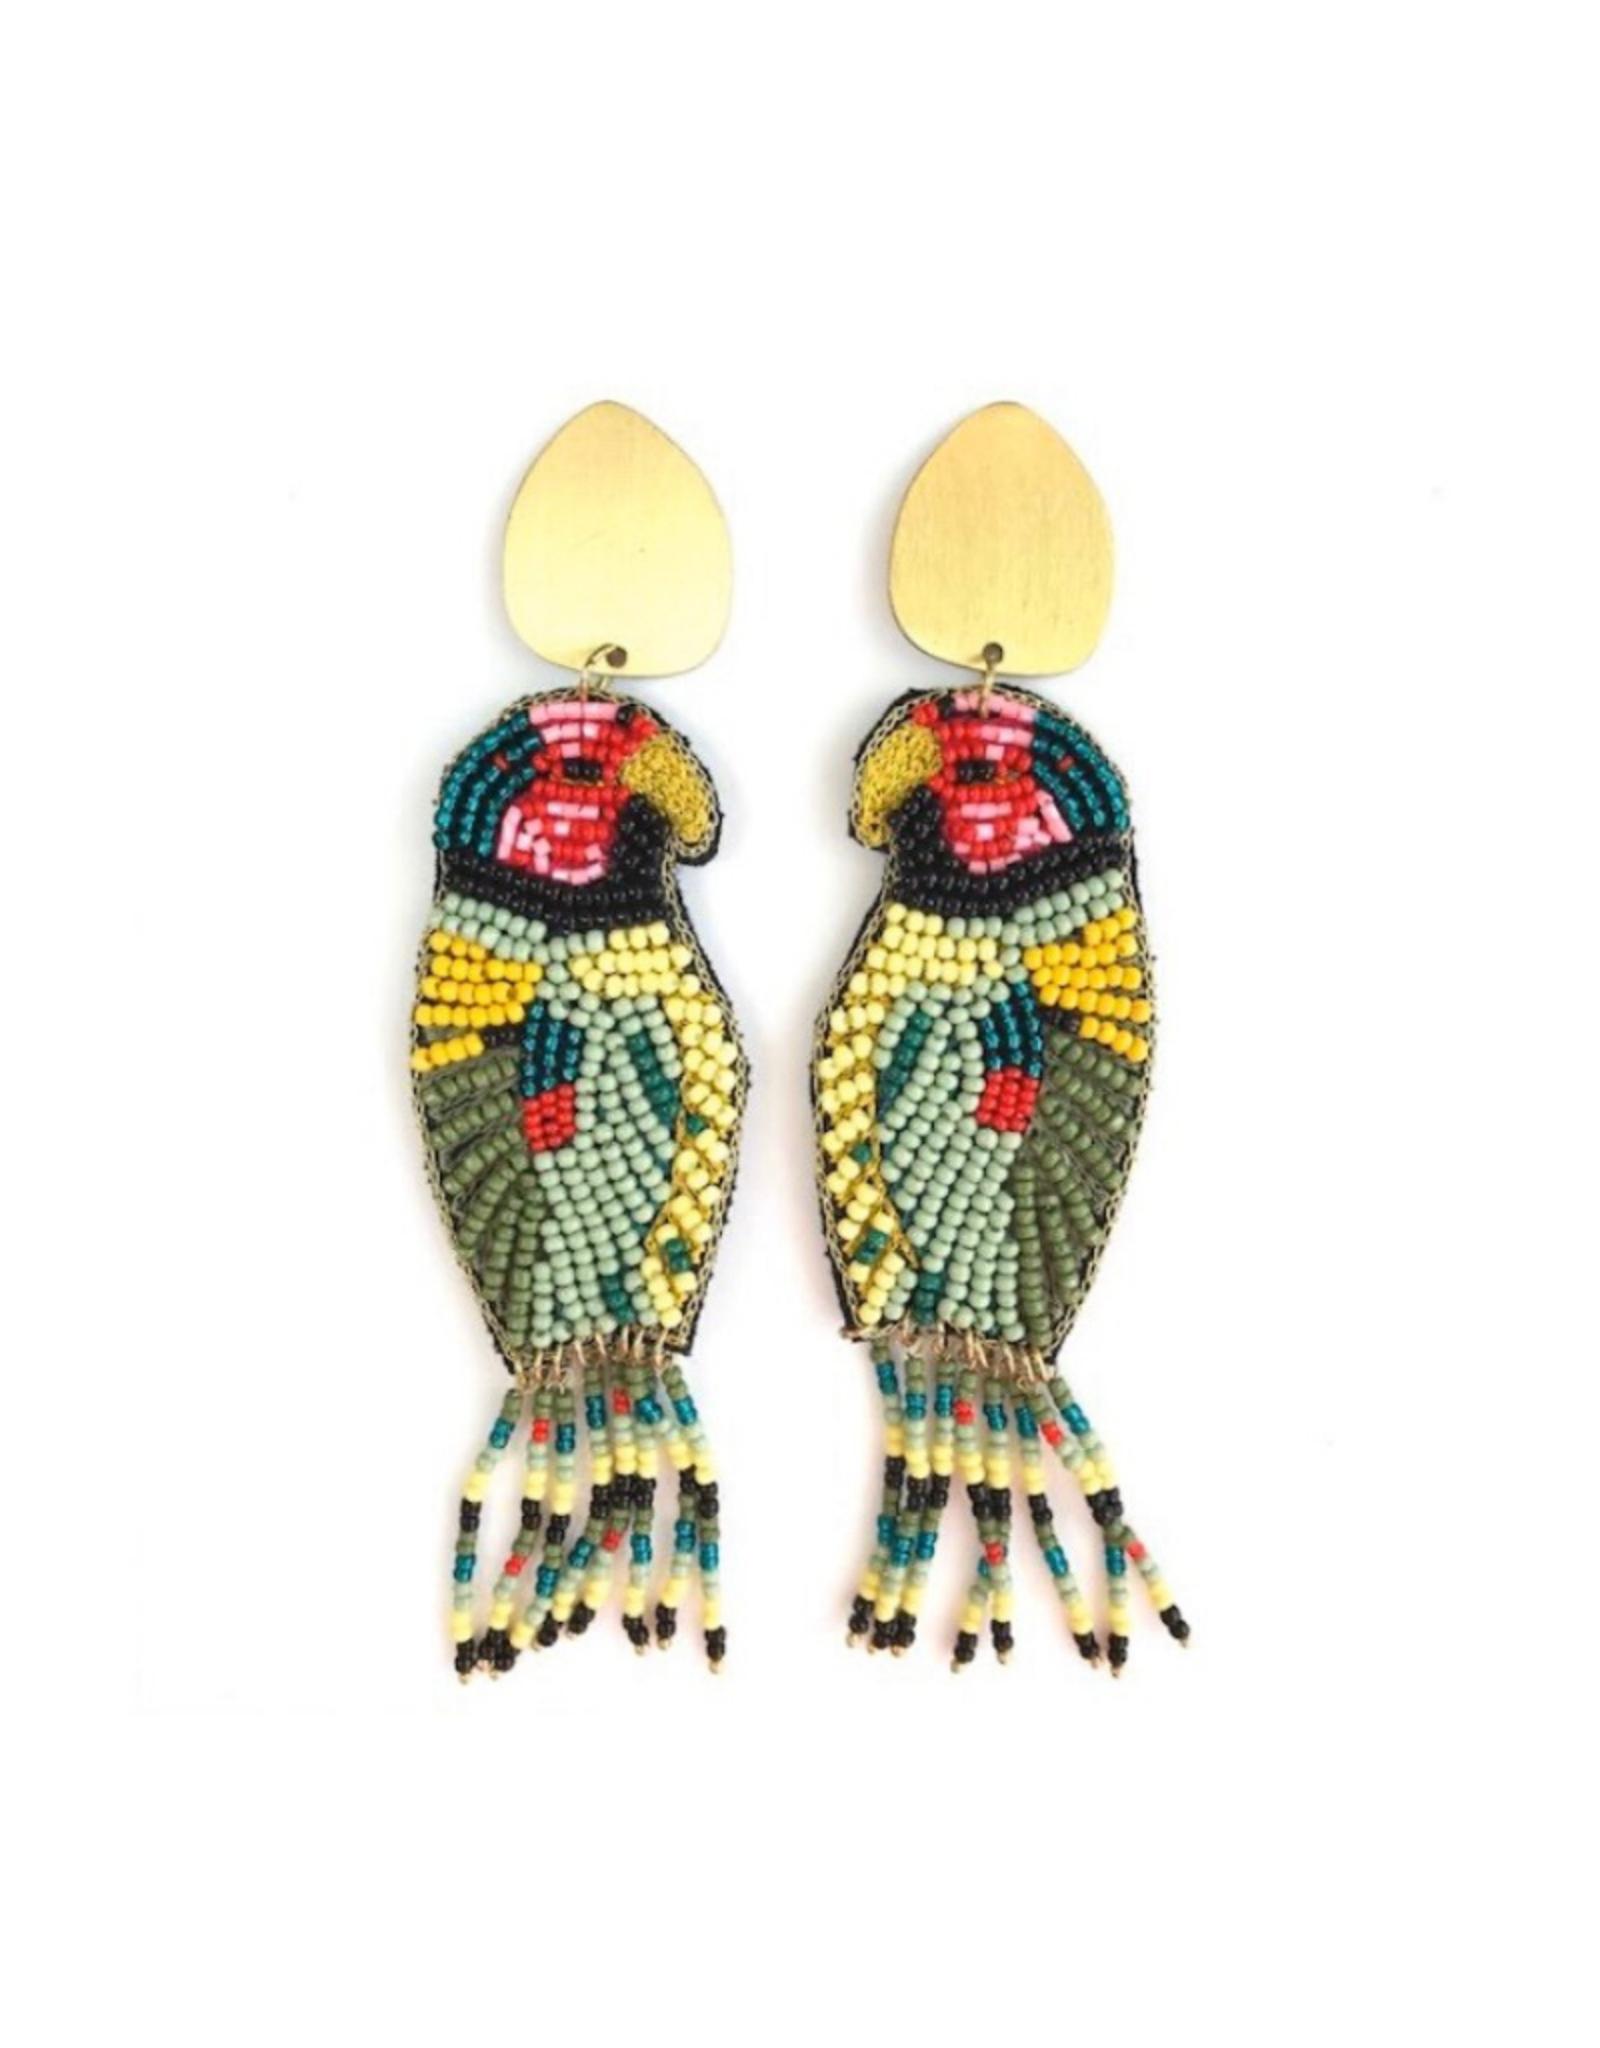 Allie Beads Beaded Parrot Earrings